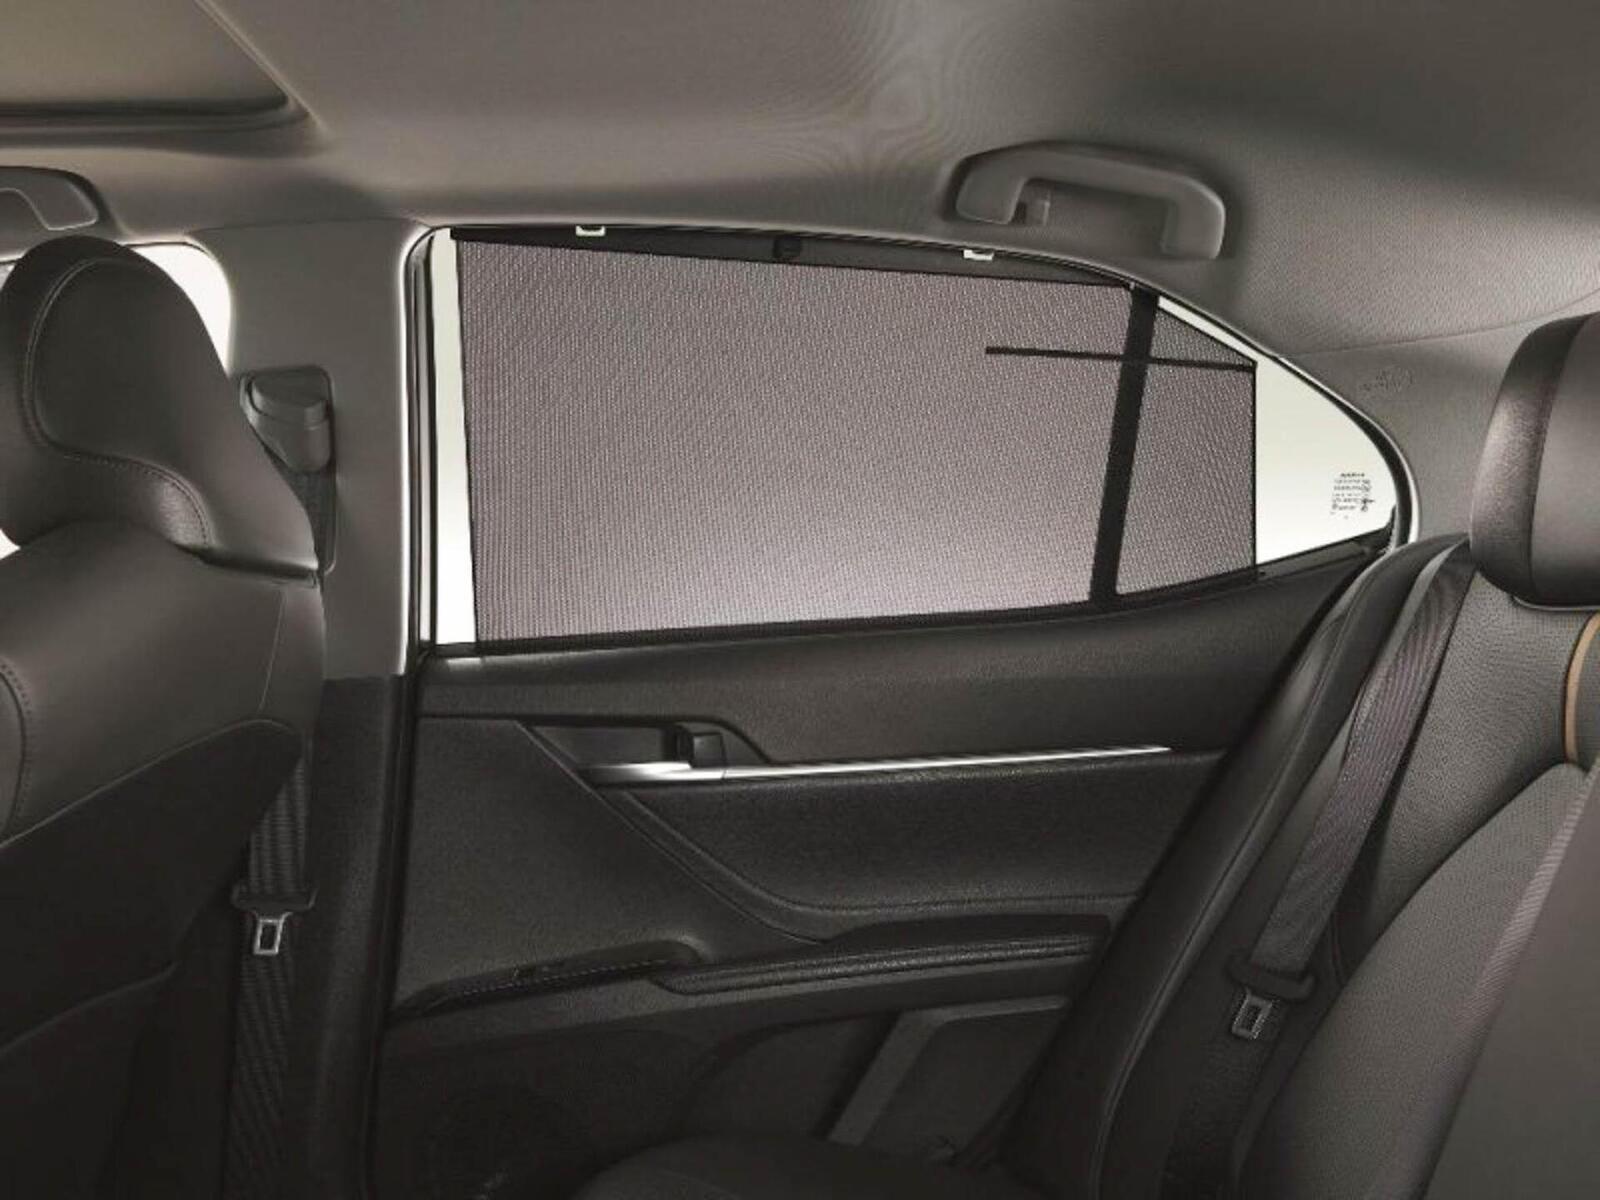 Toyota Camry thế hệ mới đã về đến Việt Nam - Chuẩn bị ra mắt công chúng - Hình 16